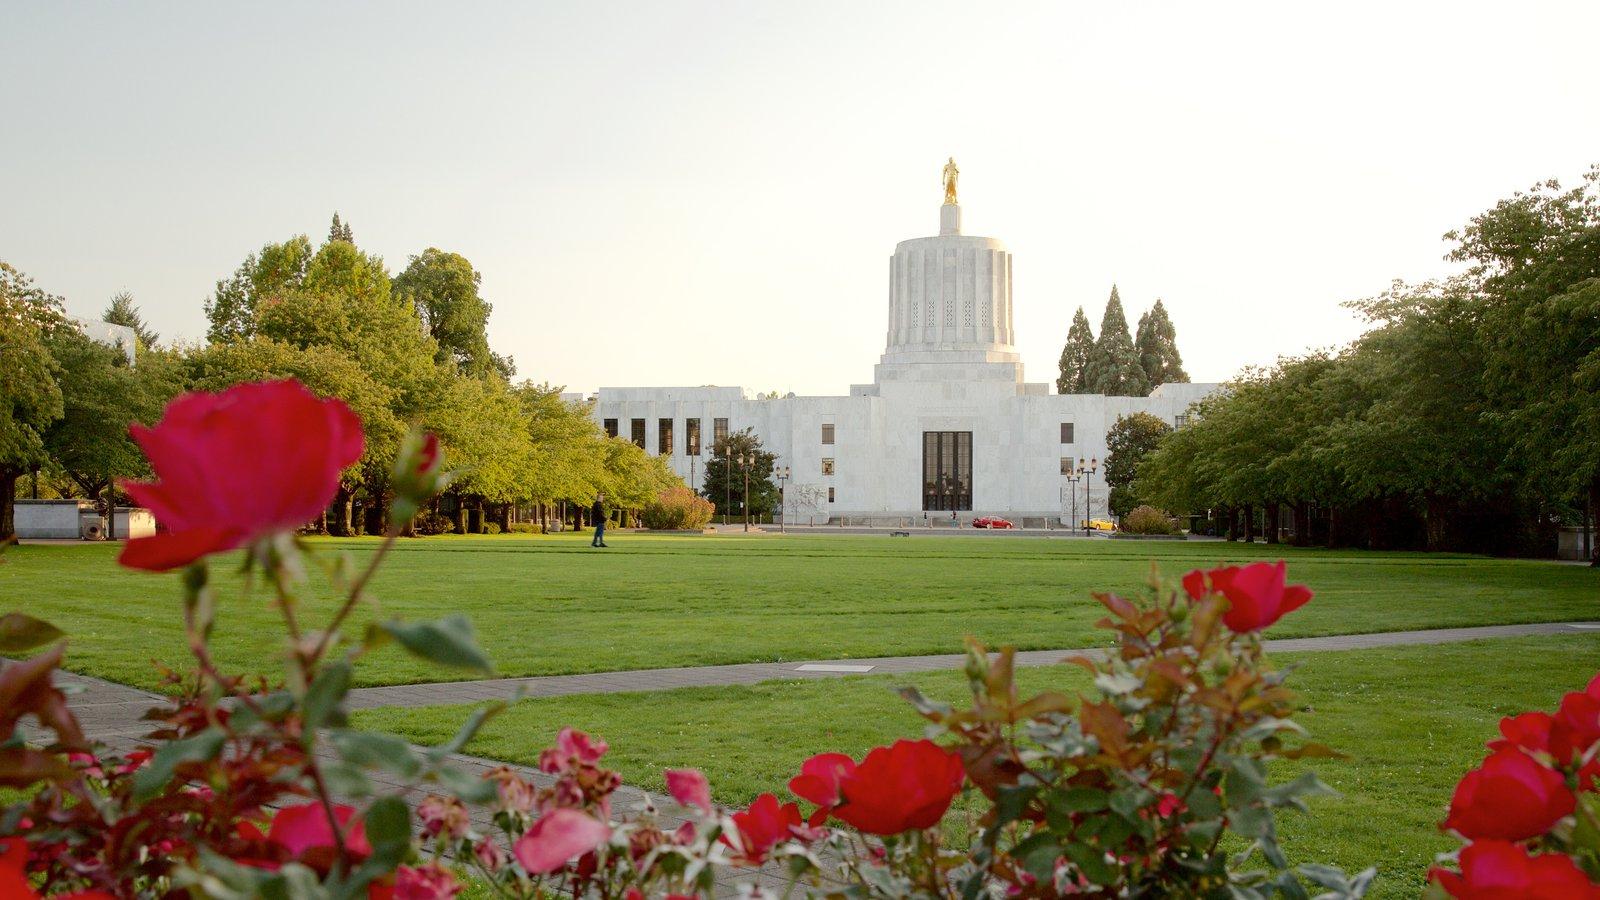 Oregon State Capitol mostrando un parque